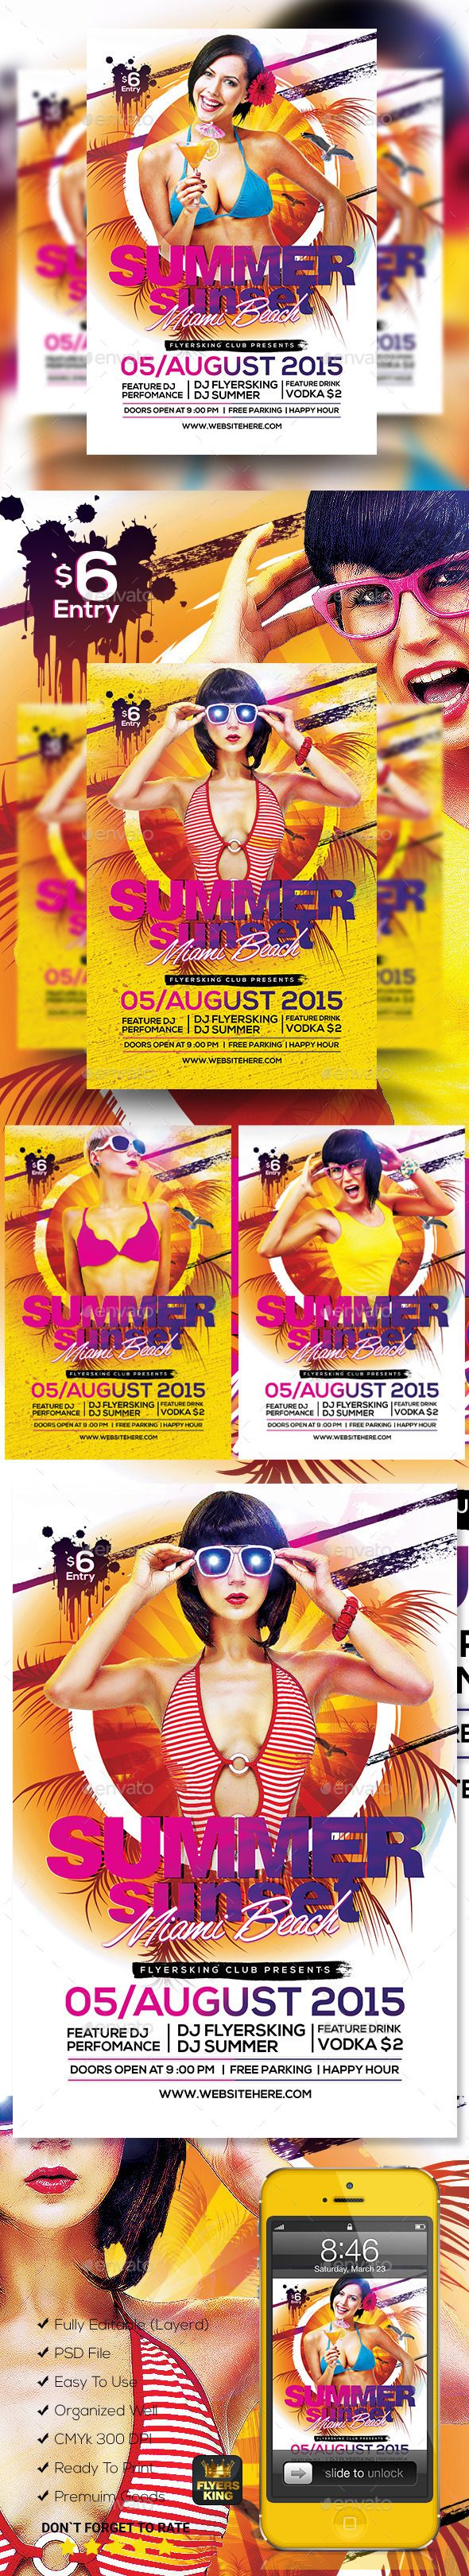 summer sunset psd flyer flyer template templates and psd flyer summer sunset psd flyer template design graphicriver net